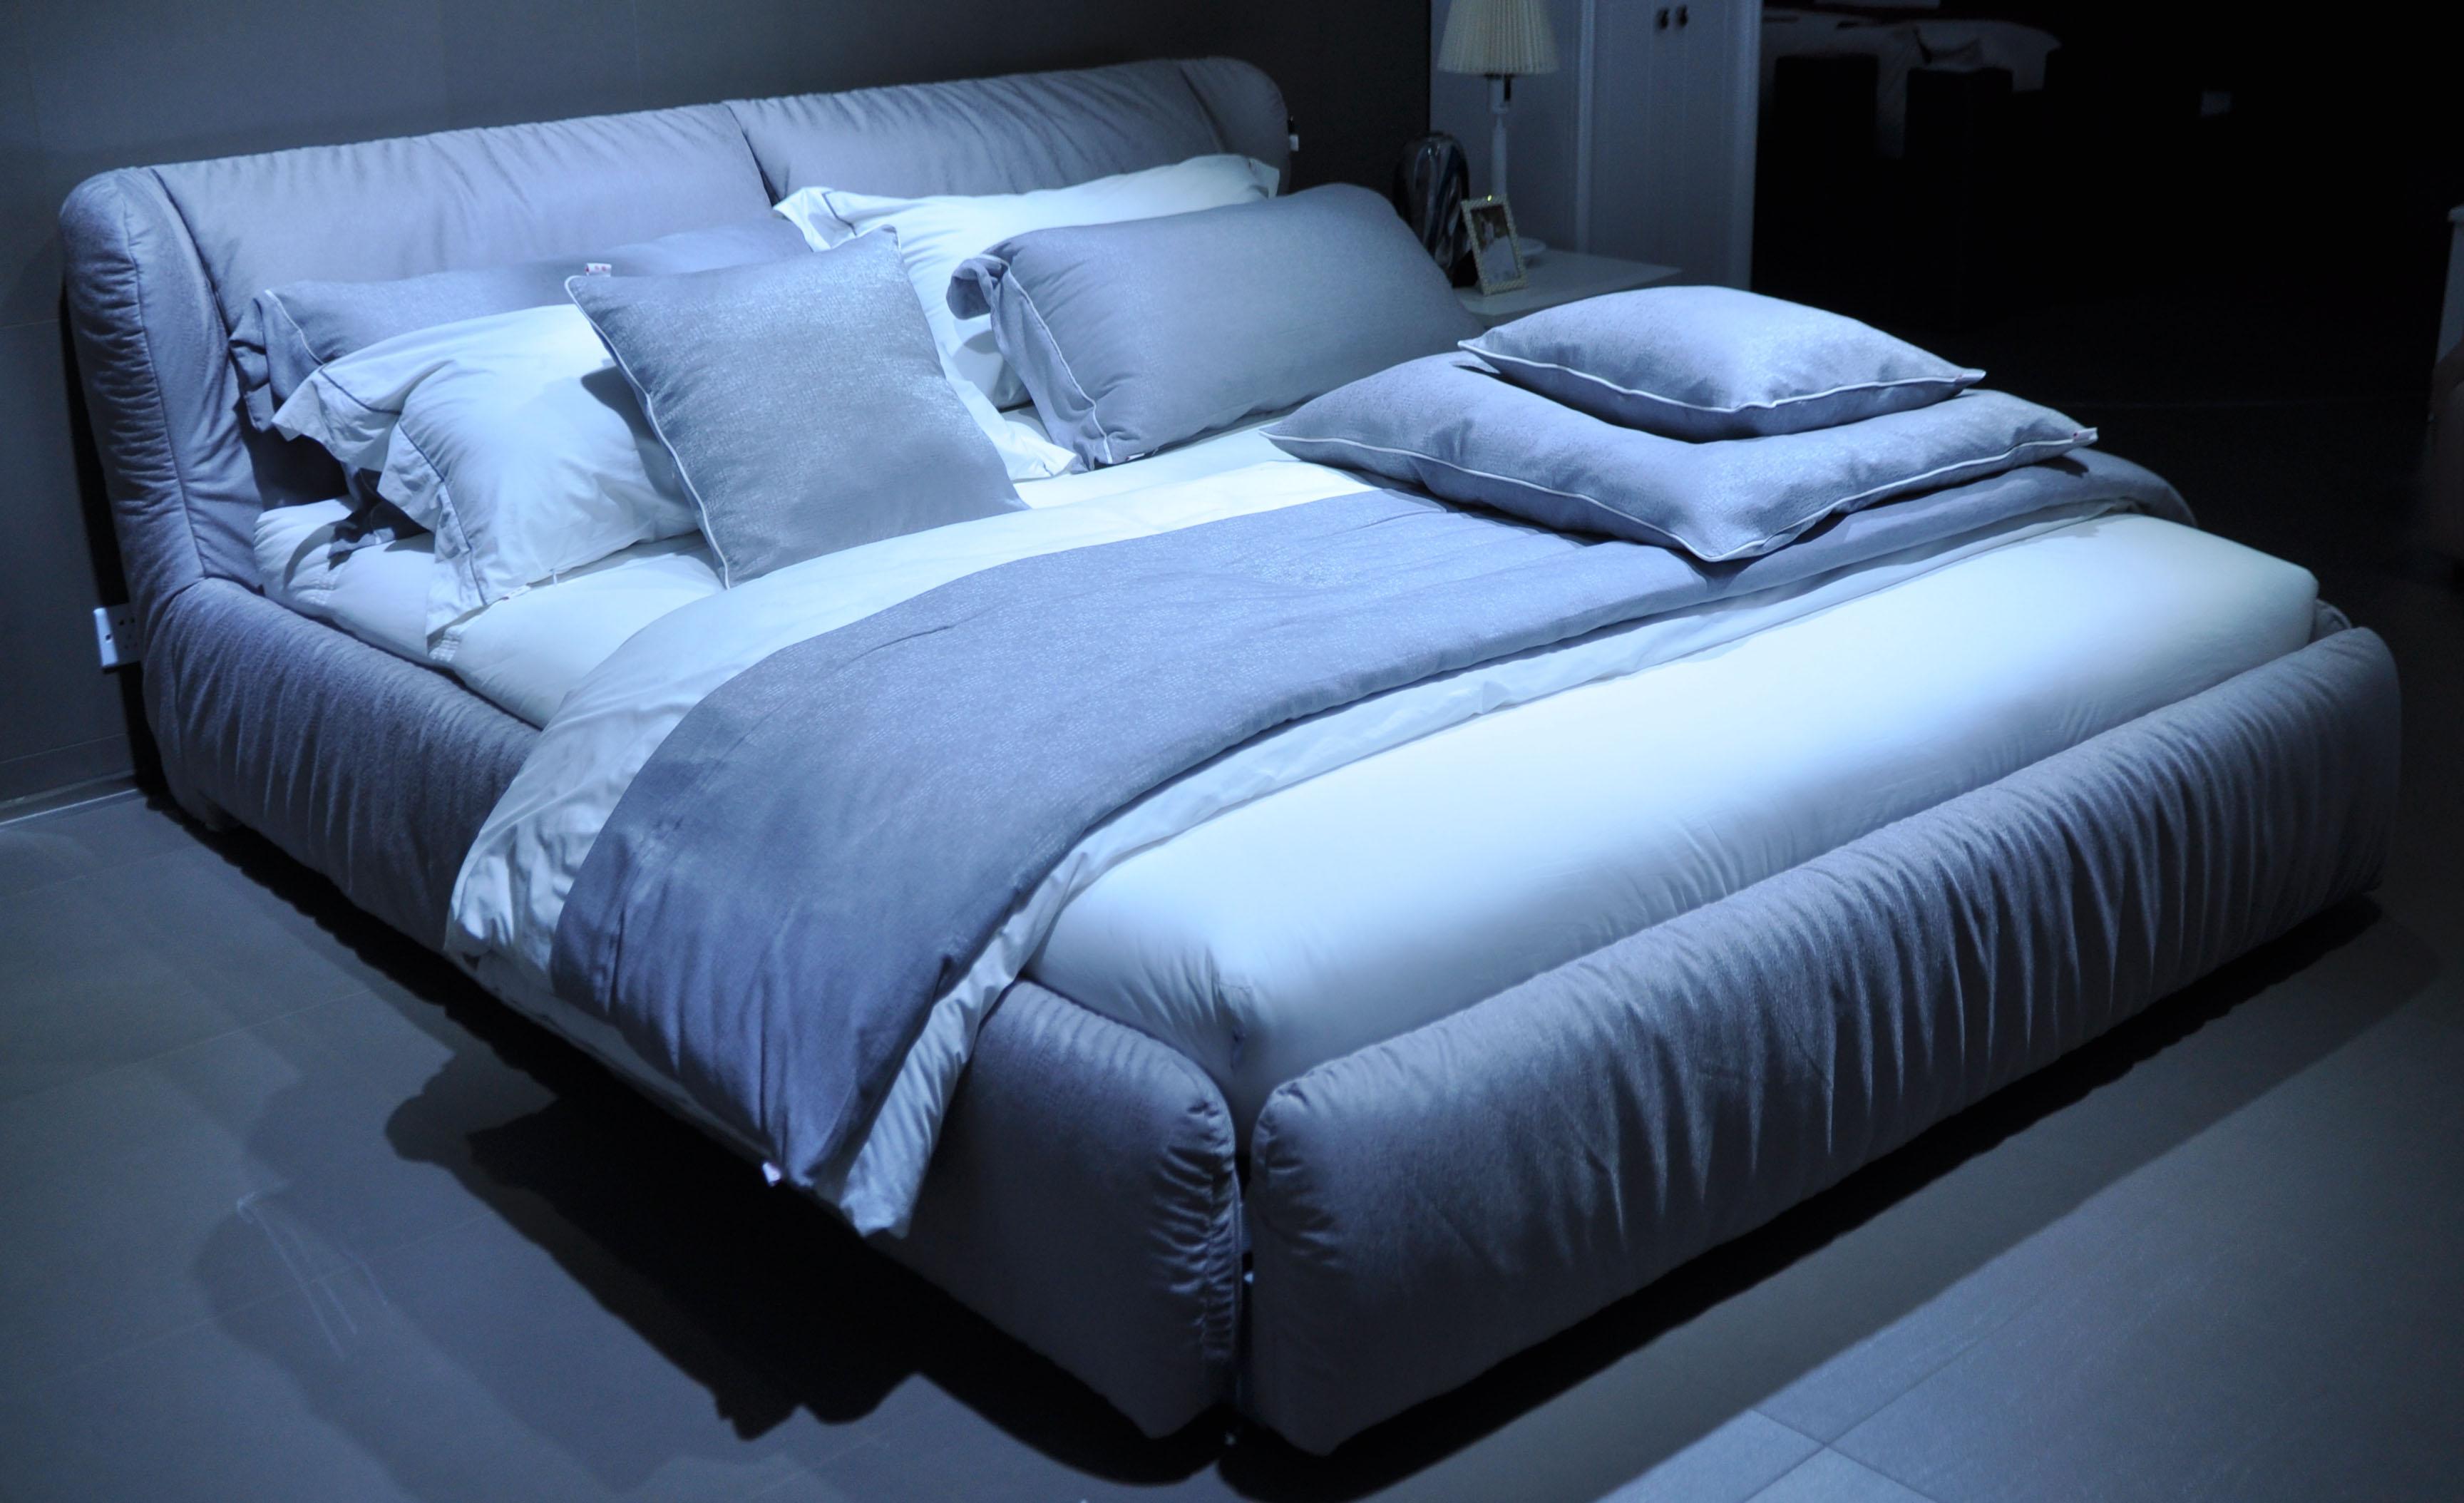 < 软床> CBD家居十大品牌之·CBD软床系列:独享意大... _新浪博客